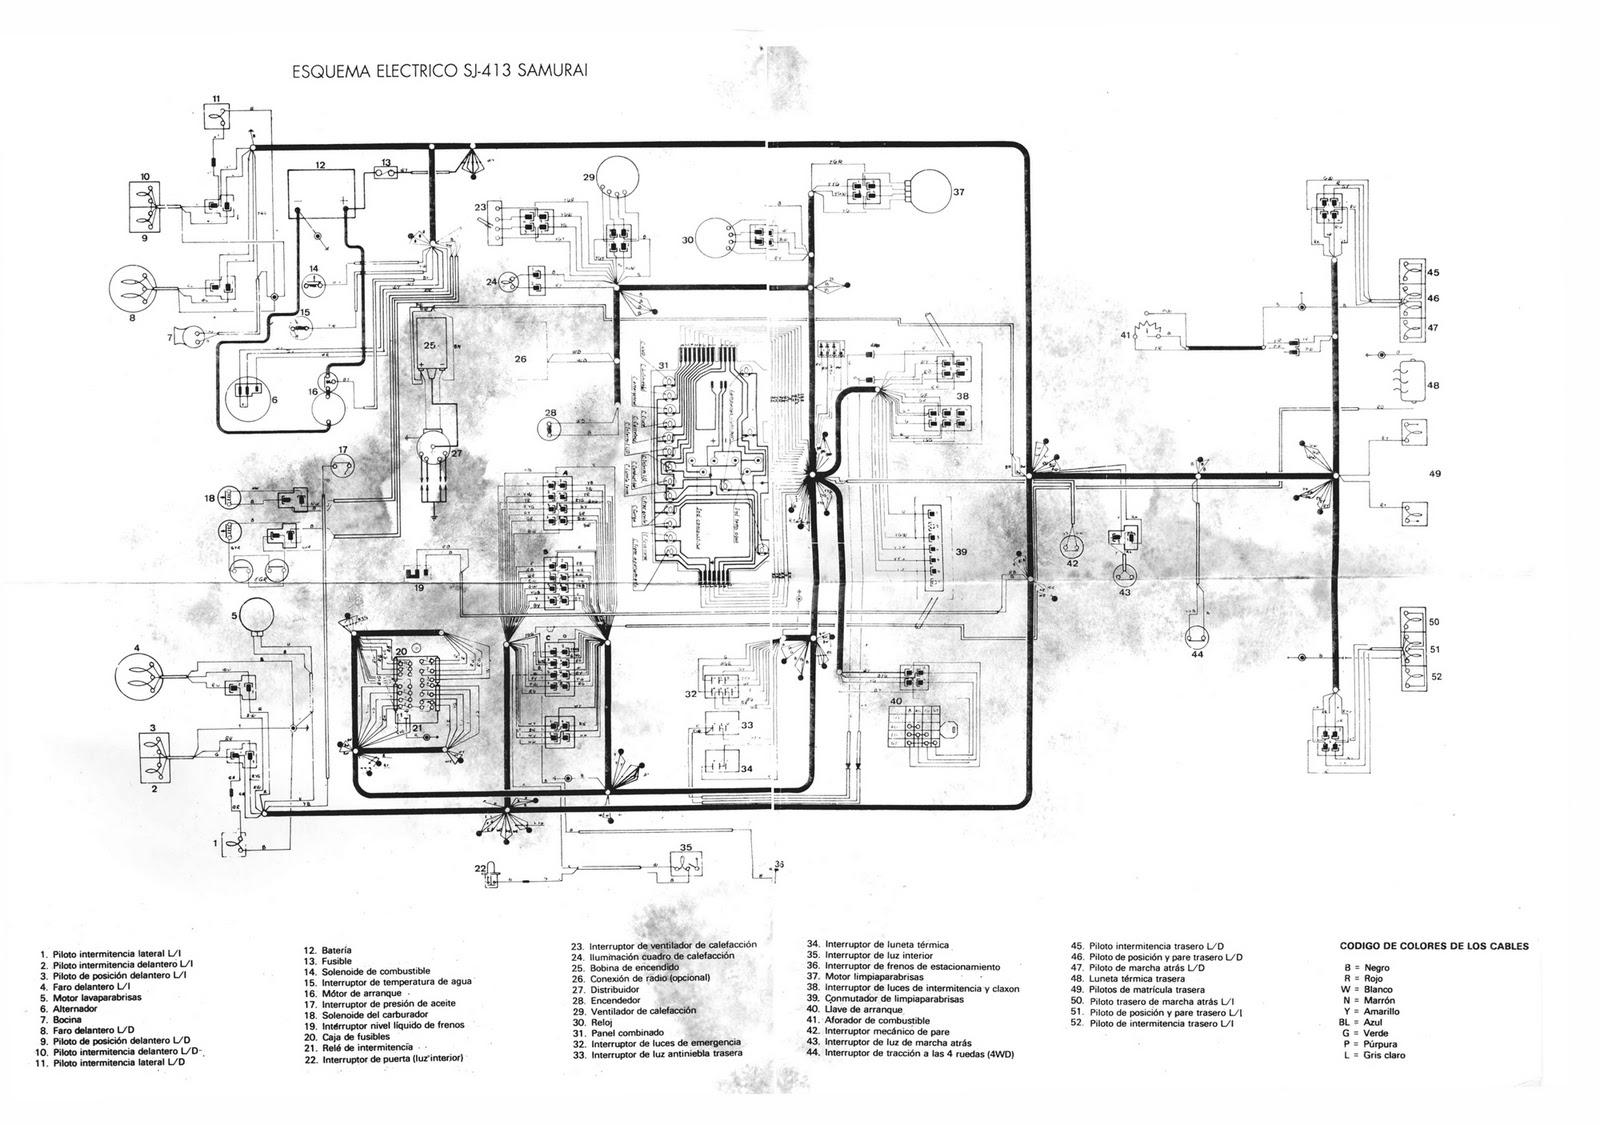 wiring diagram jimny katana